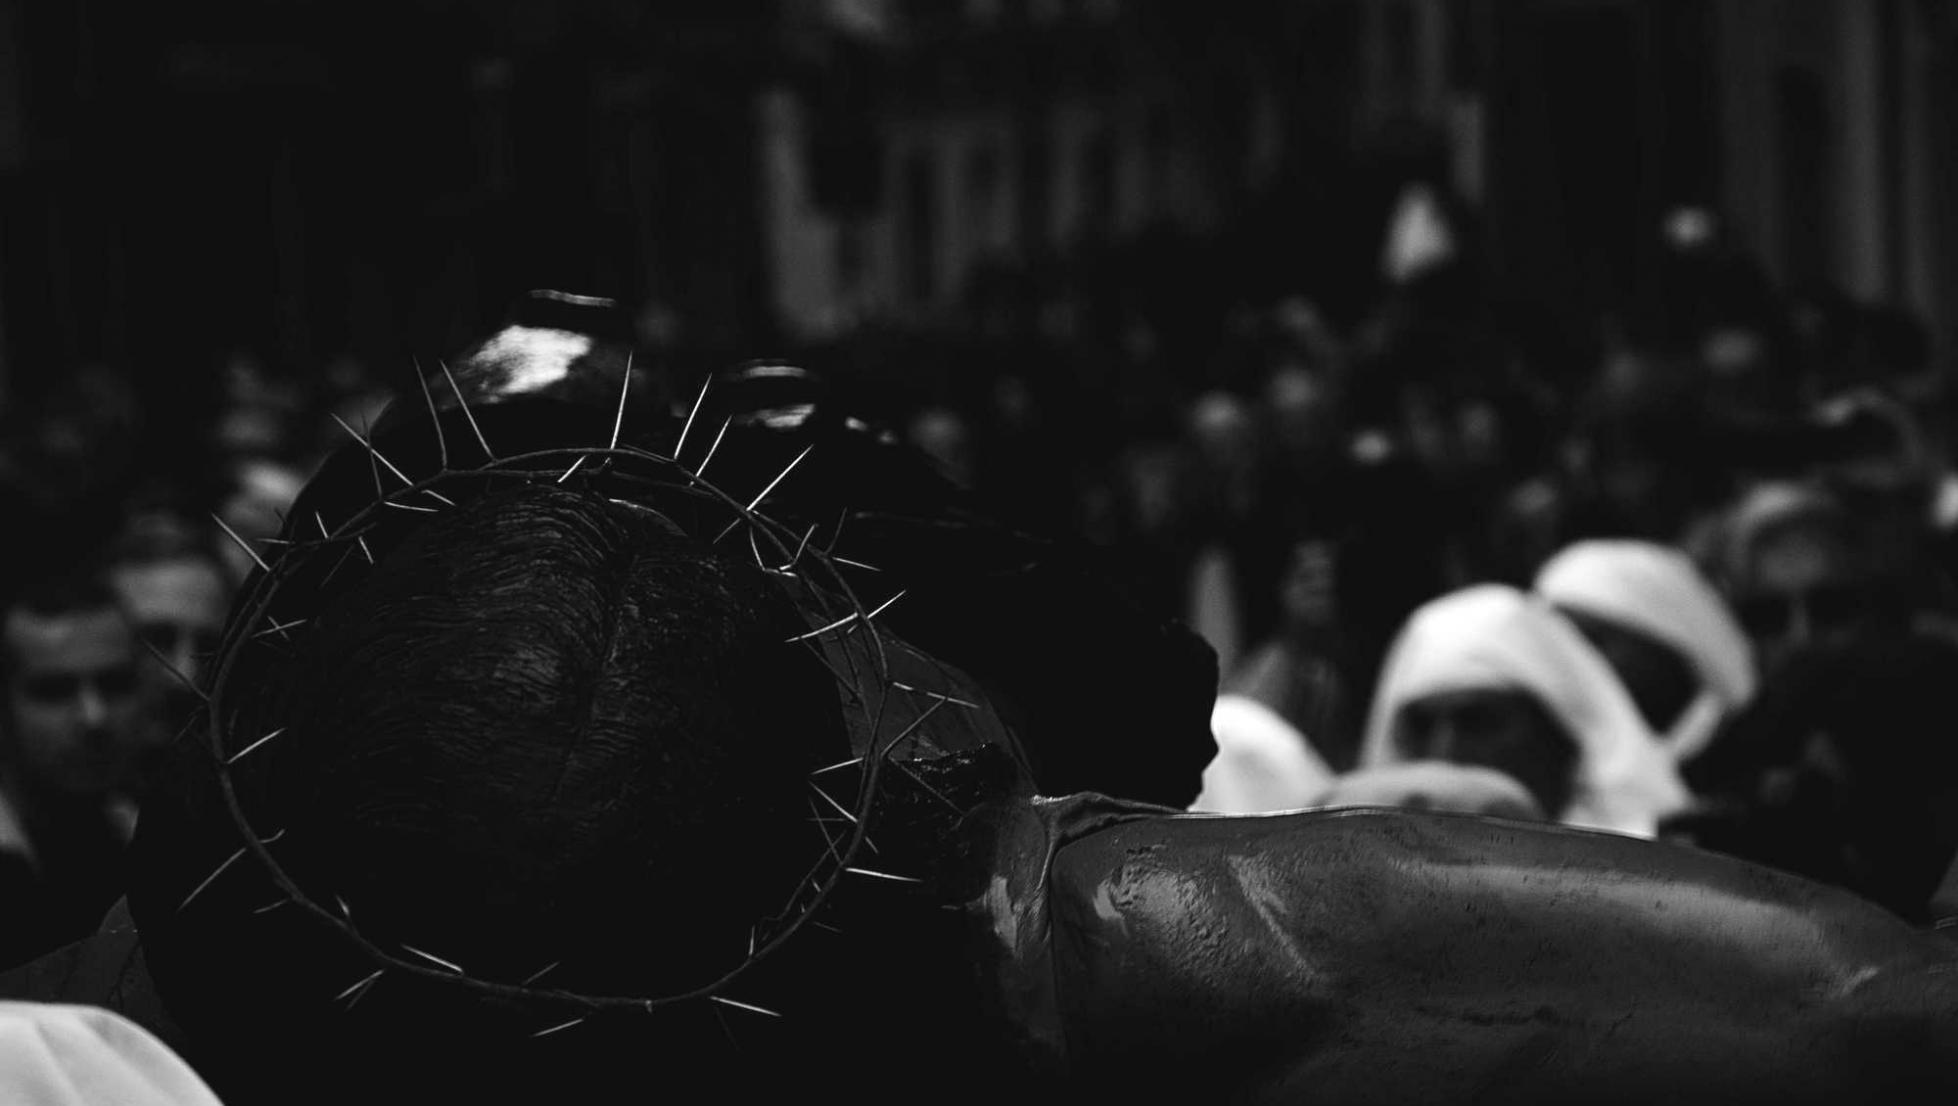 Cristo in processione - Cagliari